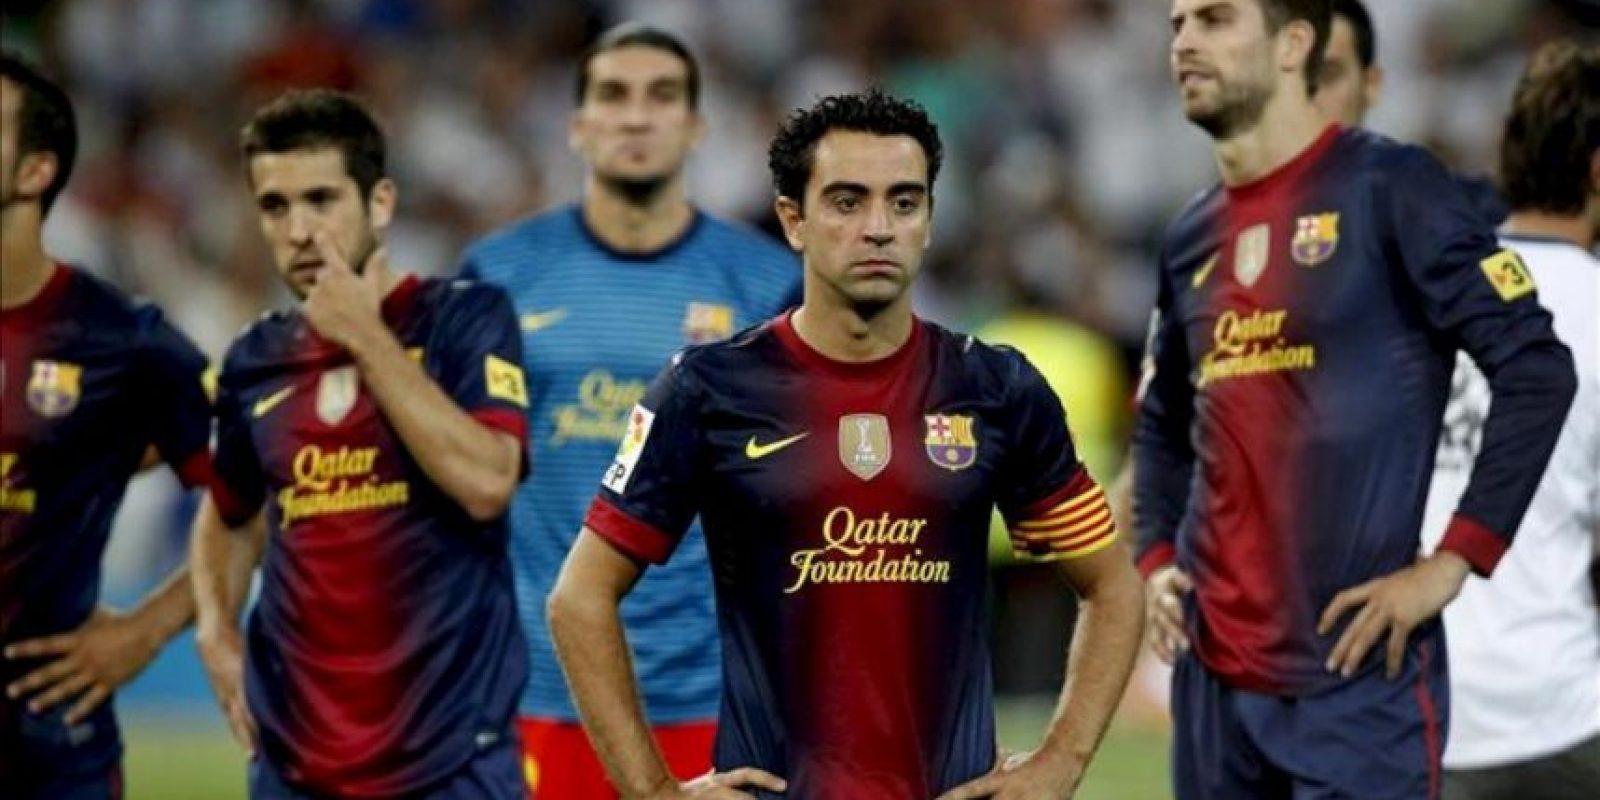 Los jugadores del F.C. Barcelona al término del partido de vuelta de la Supercopa de España que el conjunto azulgrana ha disputado contra el Real Madrid esta noche en el estadio Santiago Bernabéu, y que ha finalizado con la victoria para el equipo blanco por 2-1. EFE